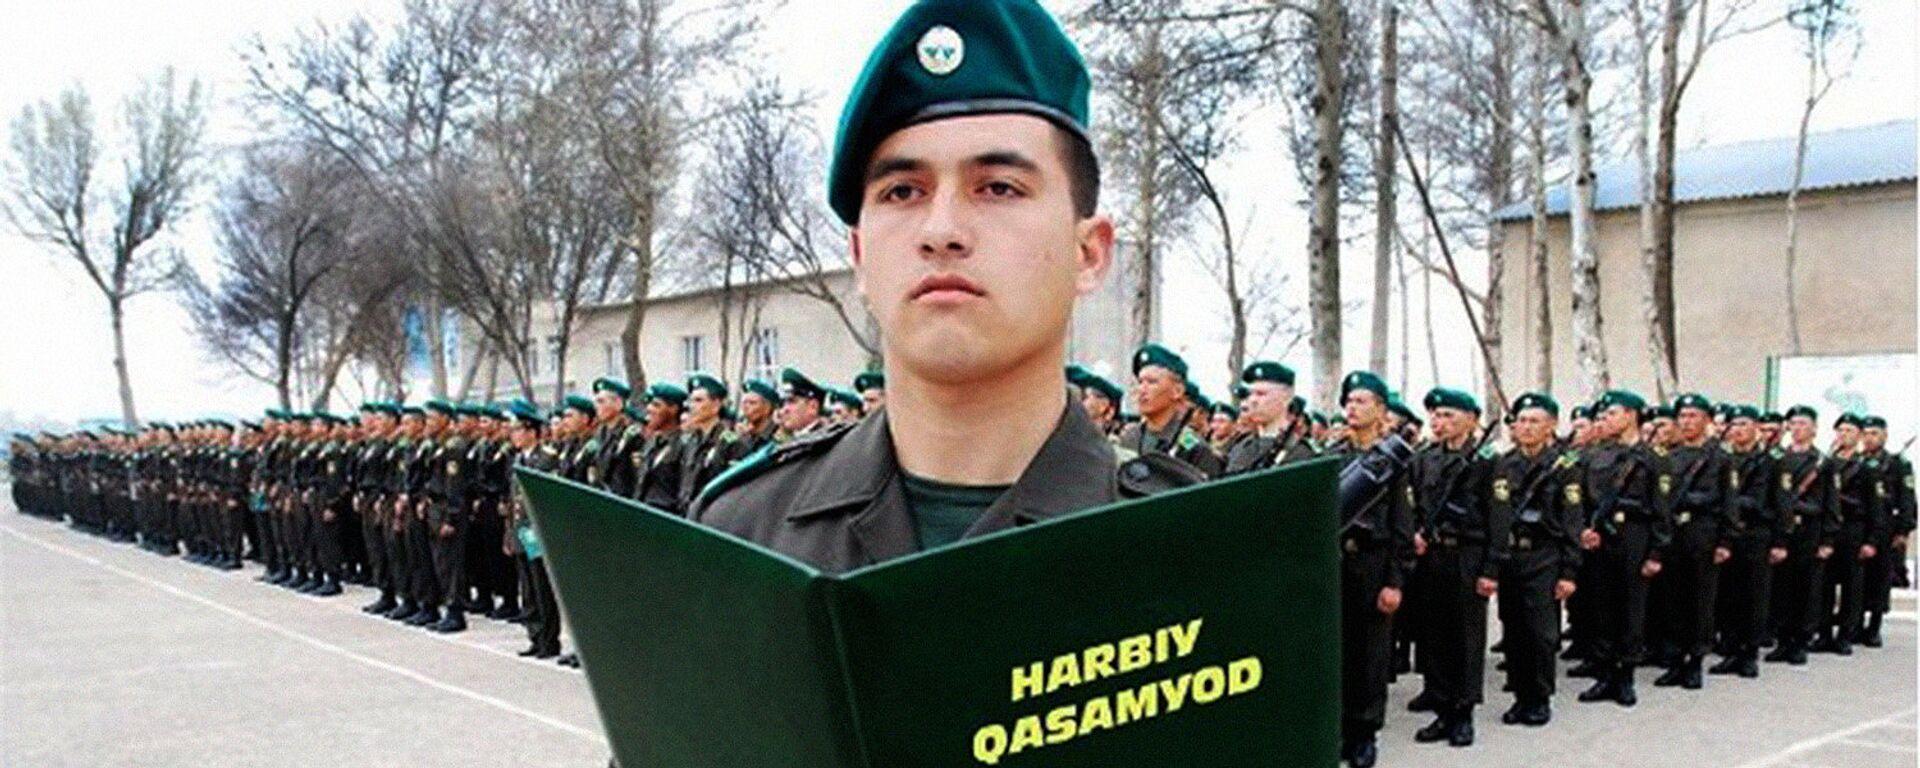 Принятие военной присяги - Sputnik Узбекистан, 1920, 29.11.2019